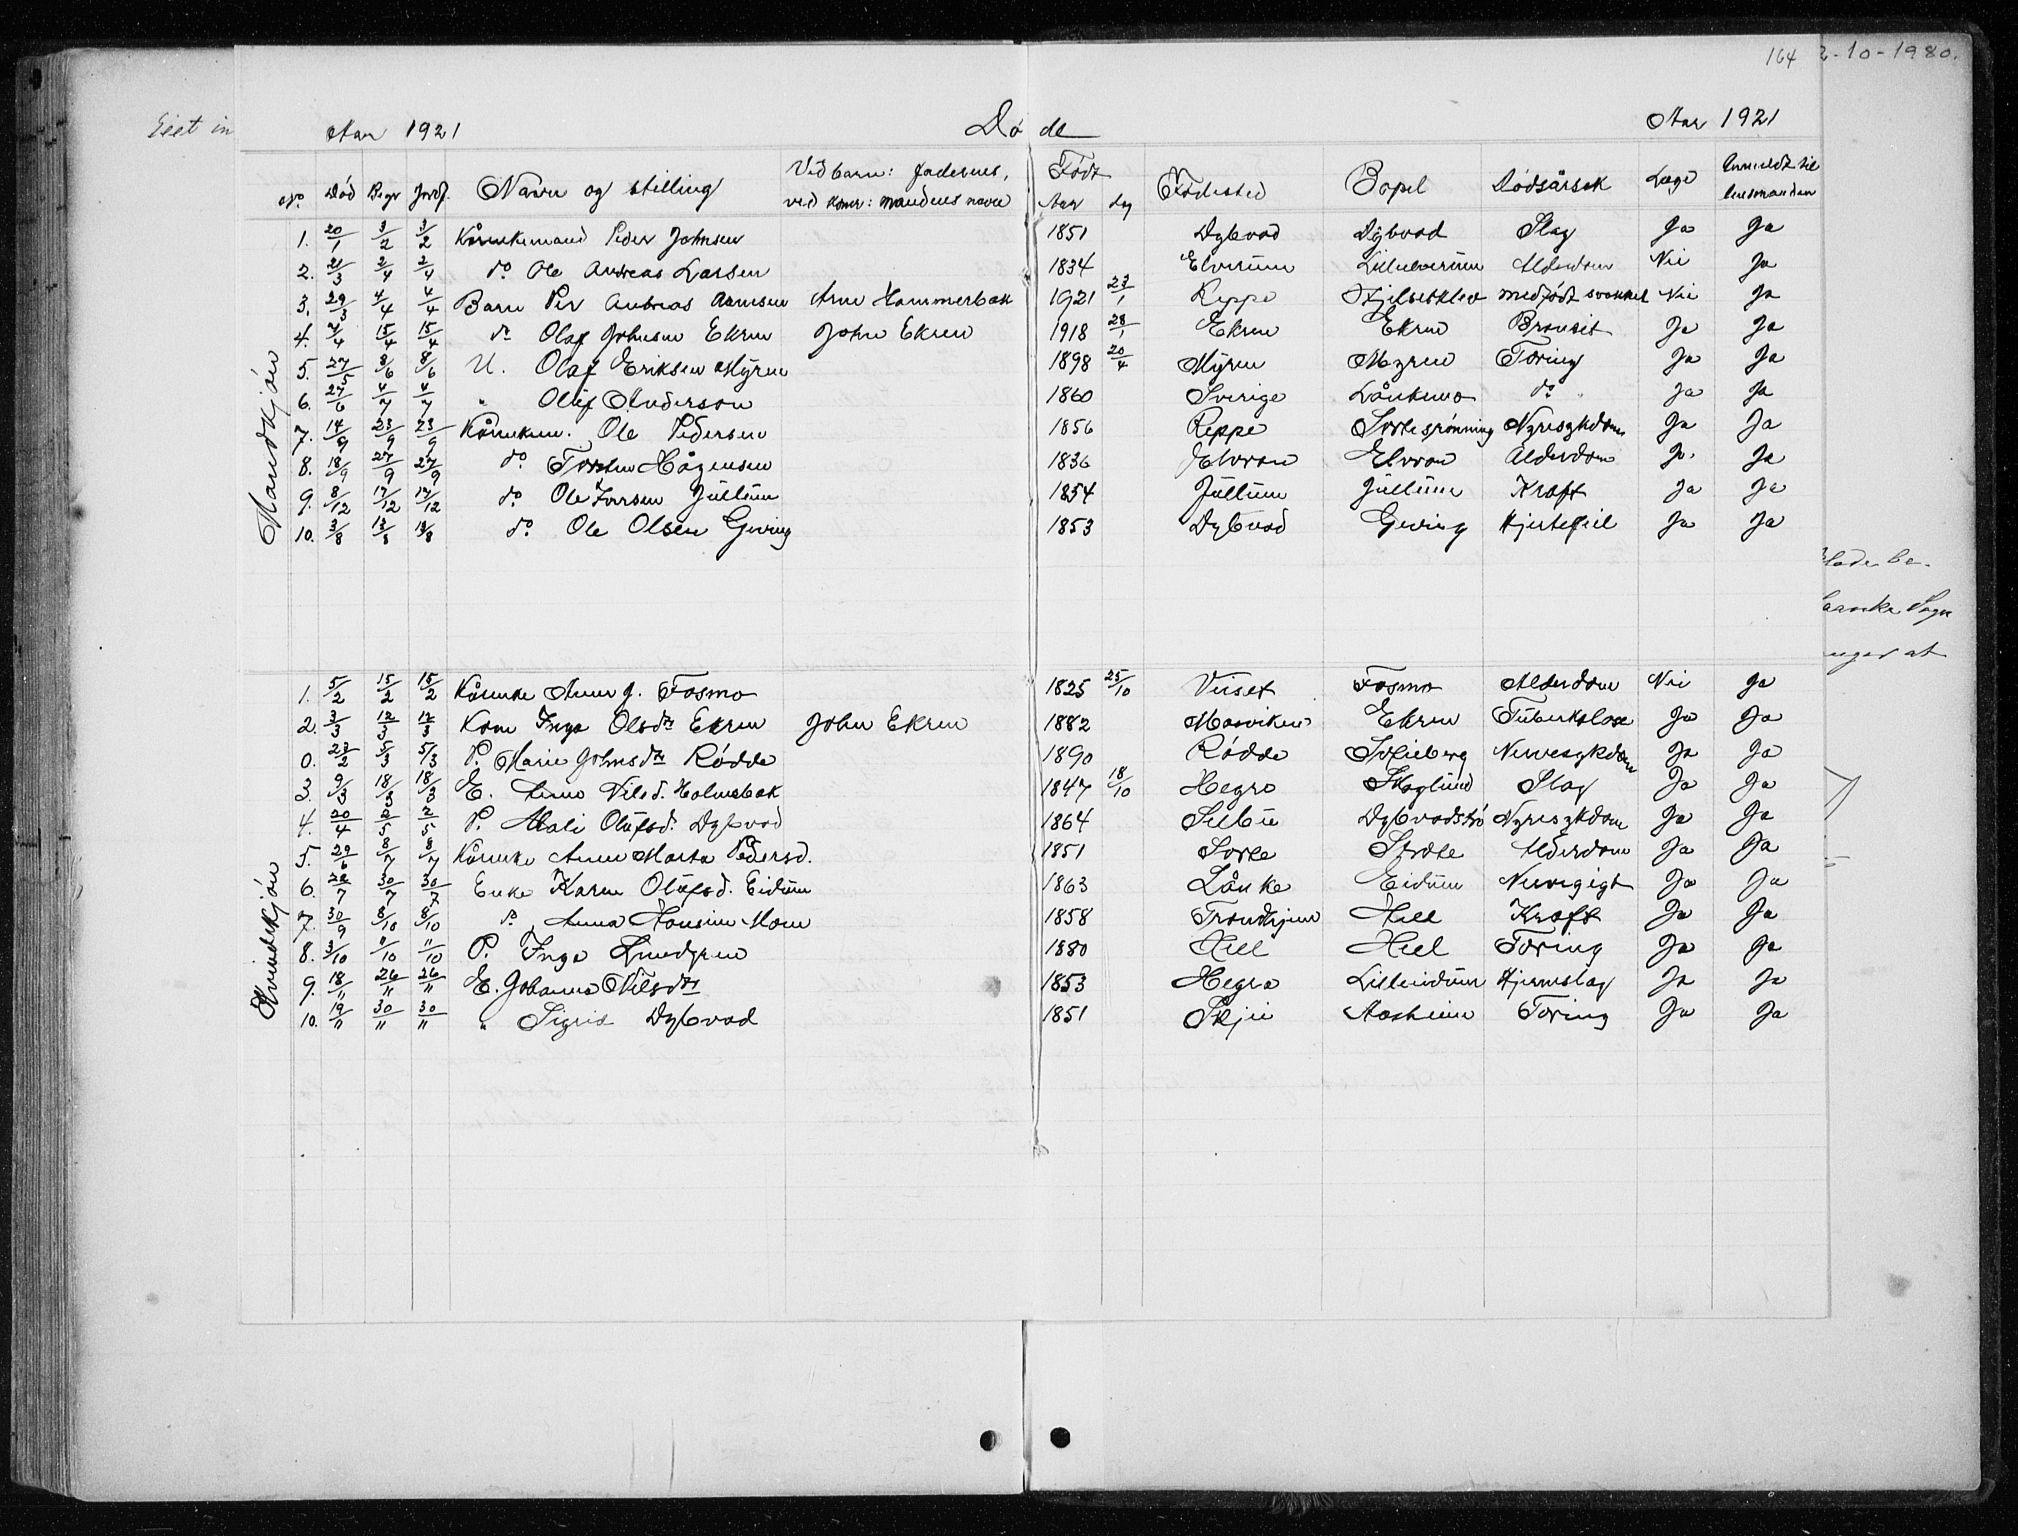 SAT, Ministerialprotokoller, klokkerbøker og fødselsregistre - Nord-Trøndelag, 710/L0096: Klokkerbok nr. 710C01, 1892-1925, s. 164